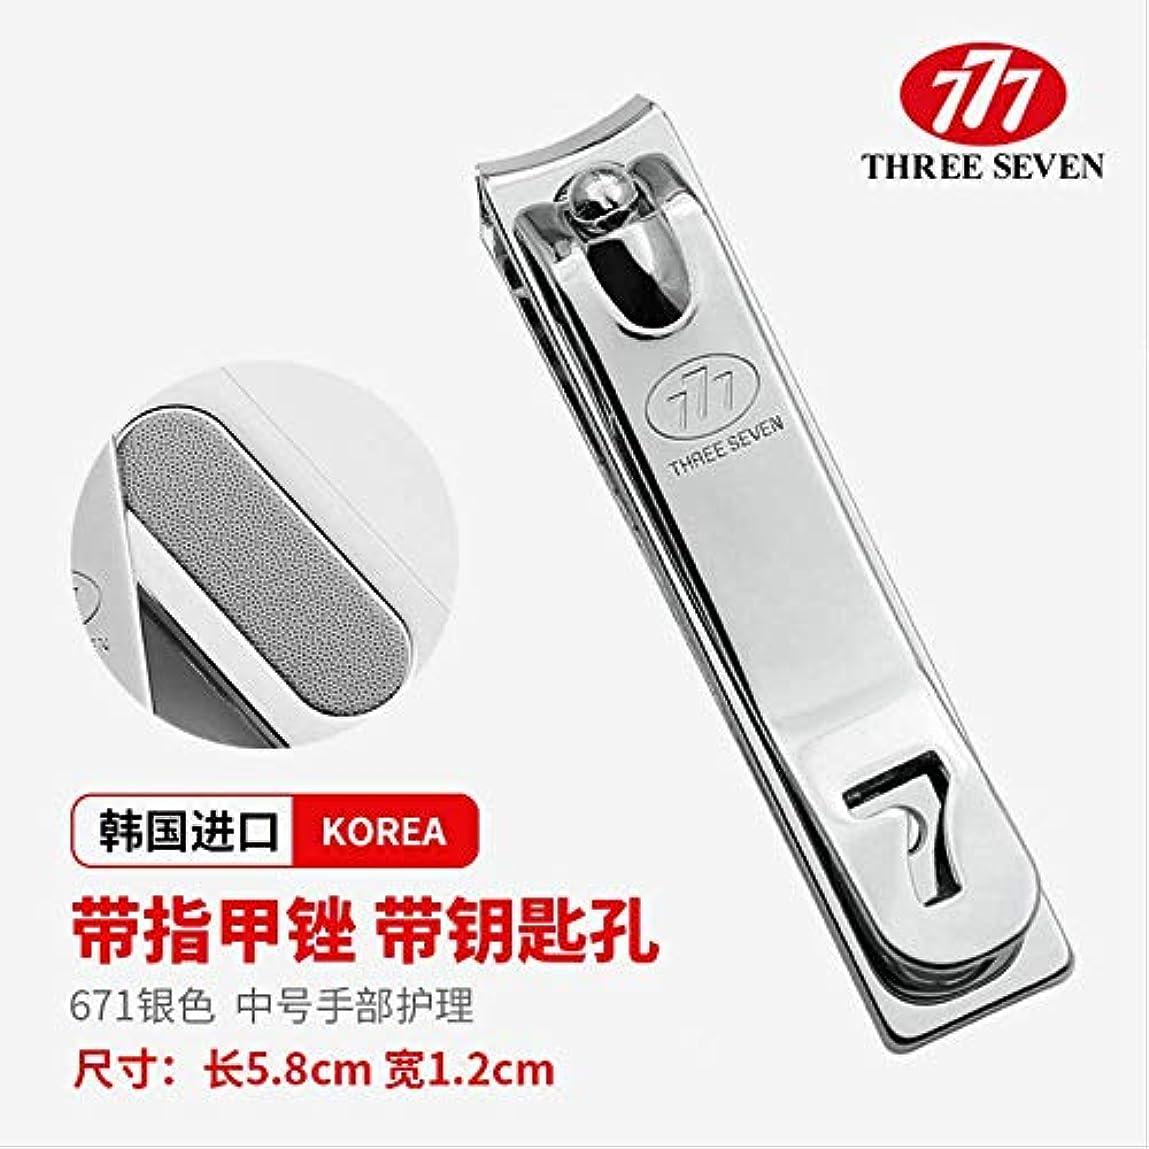 ジャンクション湿度理容室韓国777爪切りはさみ元平口斜め爪切り小さな爪切り大本物 N-671G